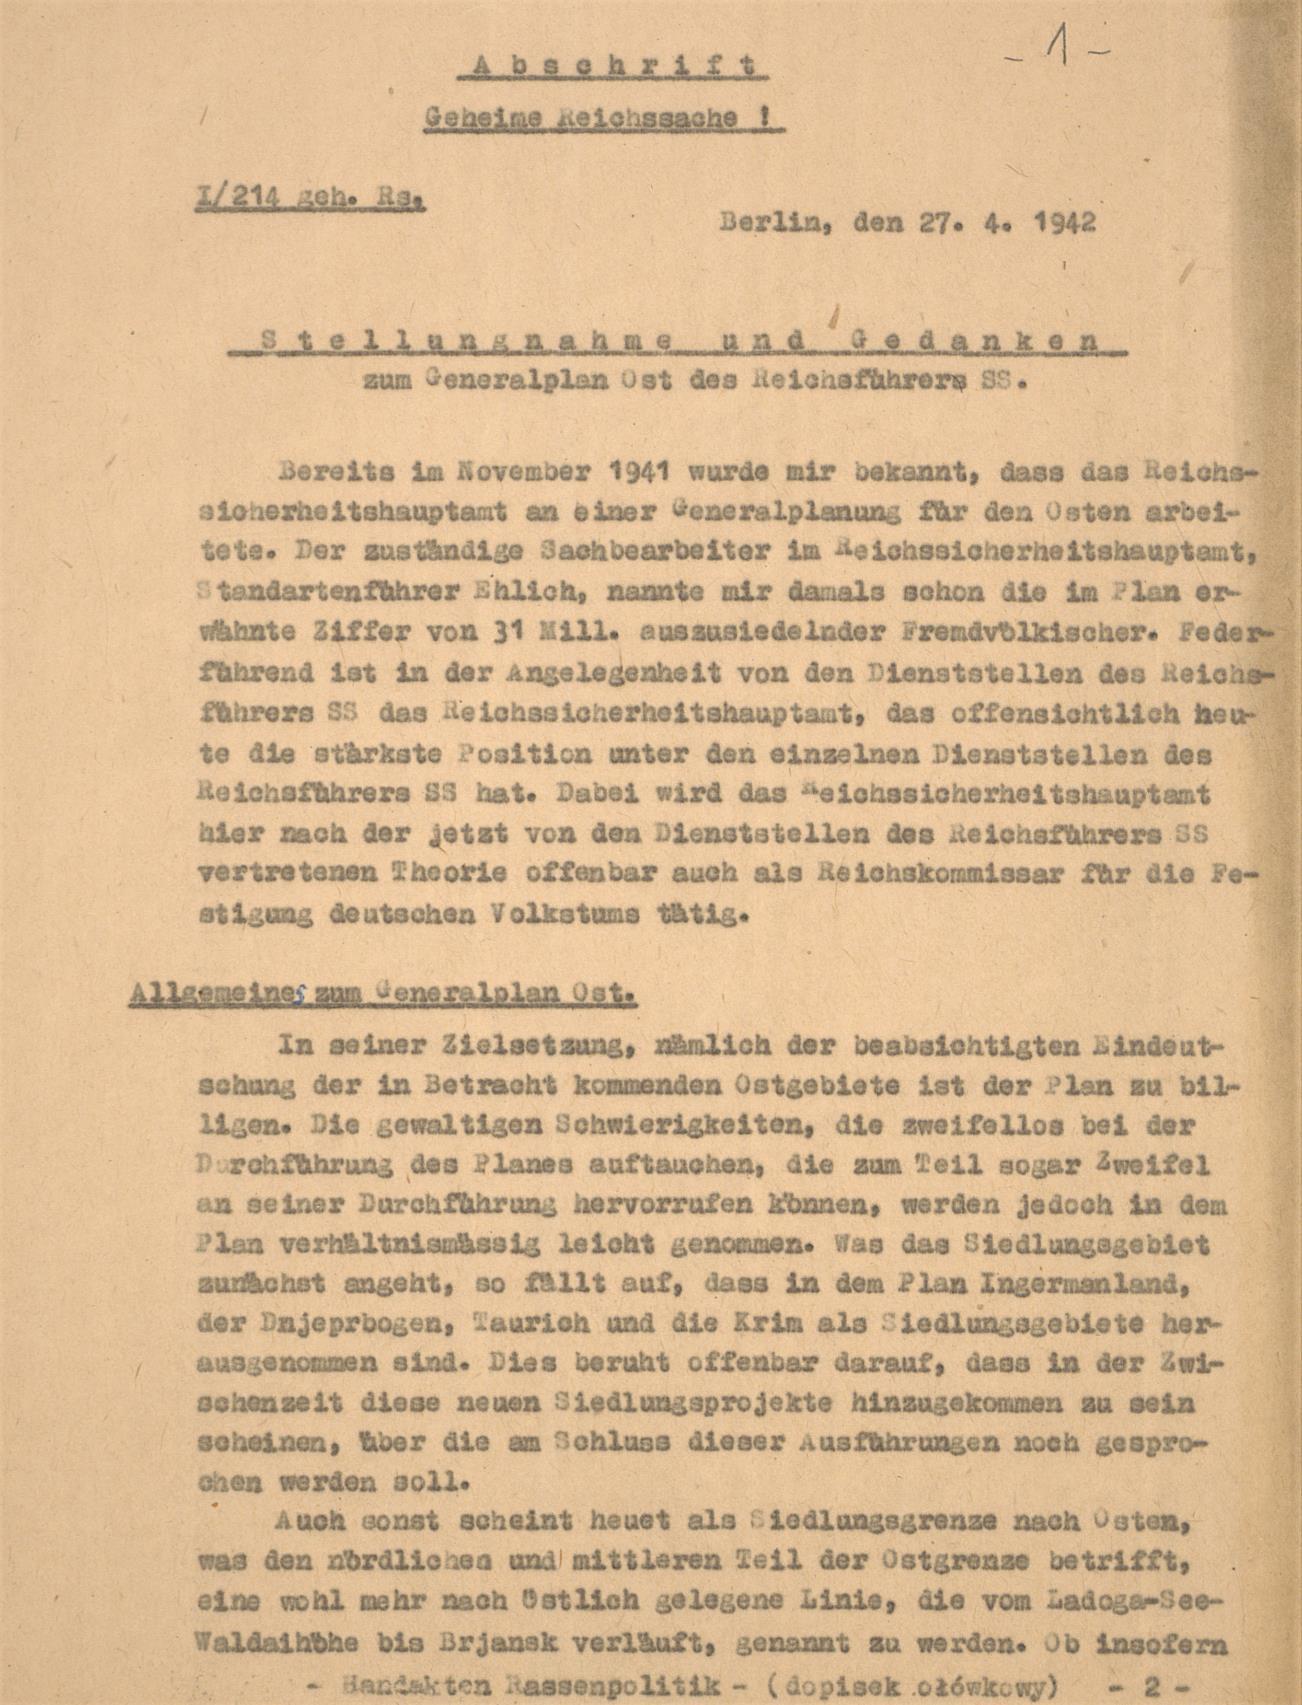 Fot. 1. Pierwsze dwie strony ekspertyzy dr. Erharda Wetzla. Źródło: I.Z. Dok. I-777.